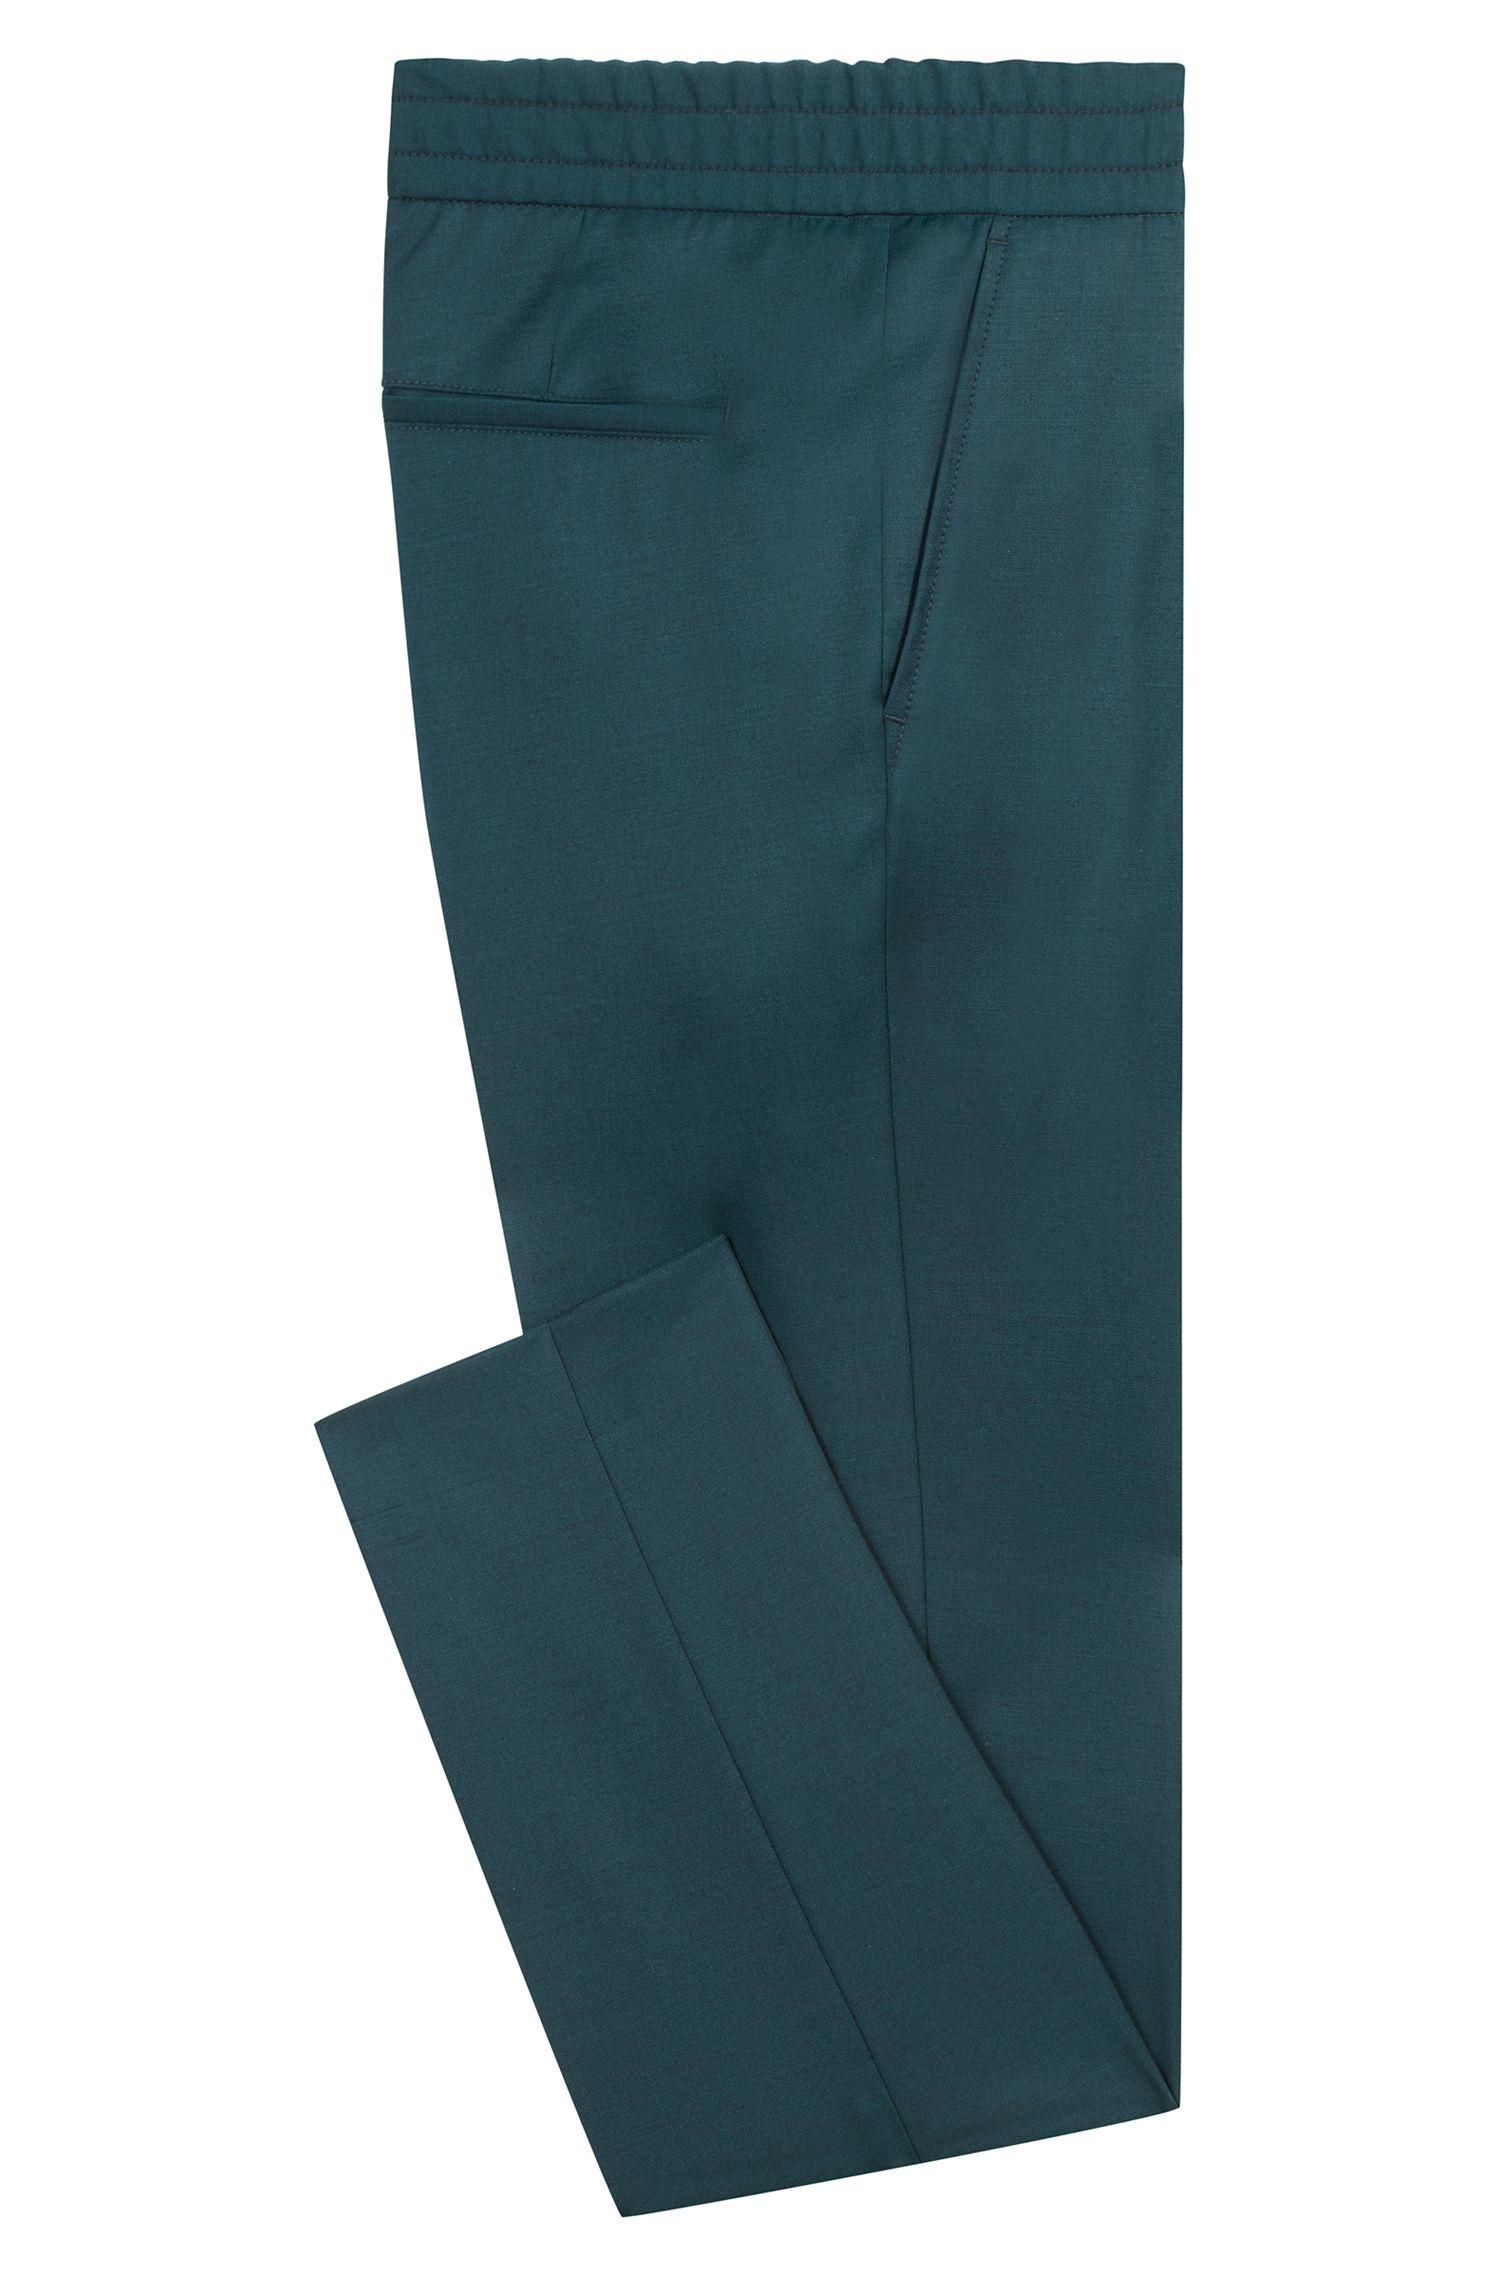 Pantalon Tapered Fit en laine vierge naturellement stretch, Vert sombre